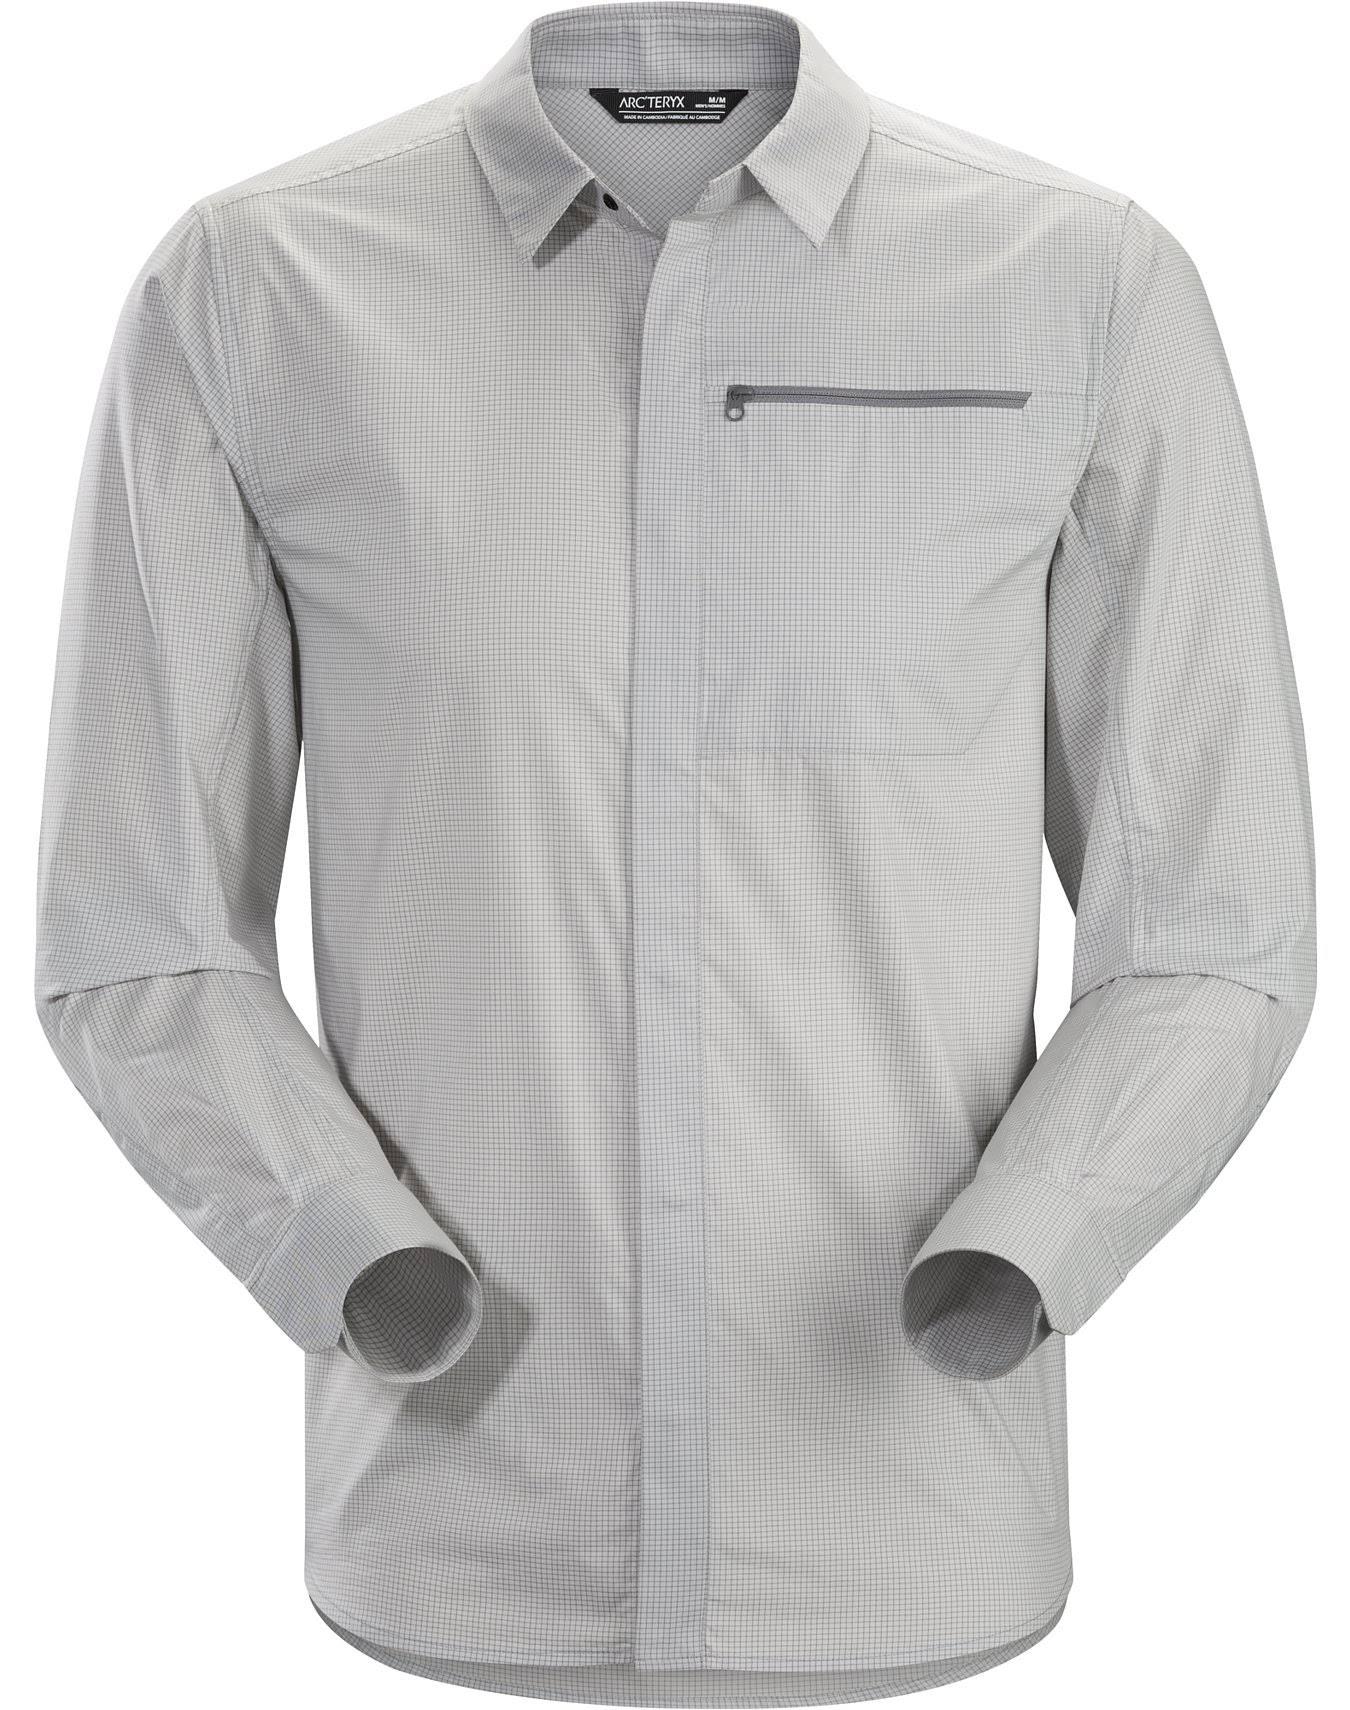 Grey M Hombre Camisa Manga Delos Kaslo De Arc'teryx Larga rqxgUn8qY